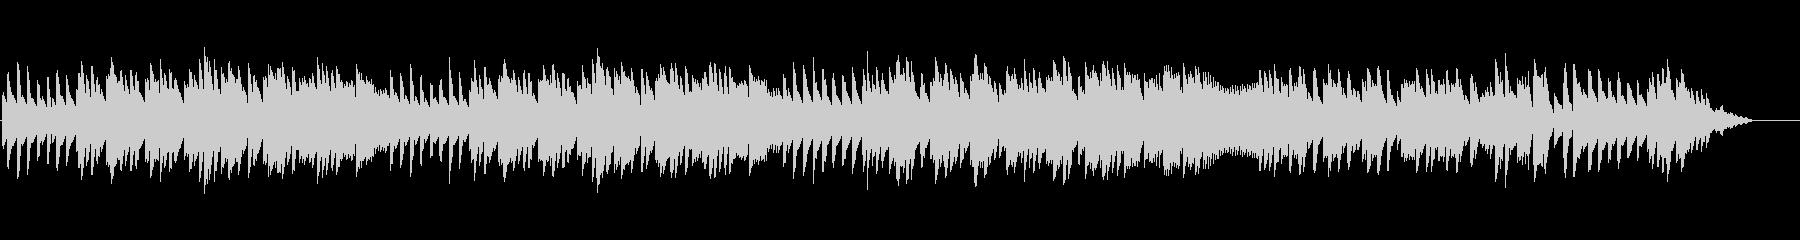 8bitクラシック アラビア風奇想曲の未再生の波形